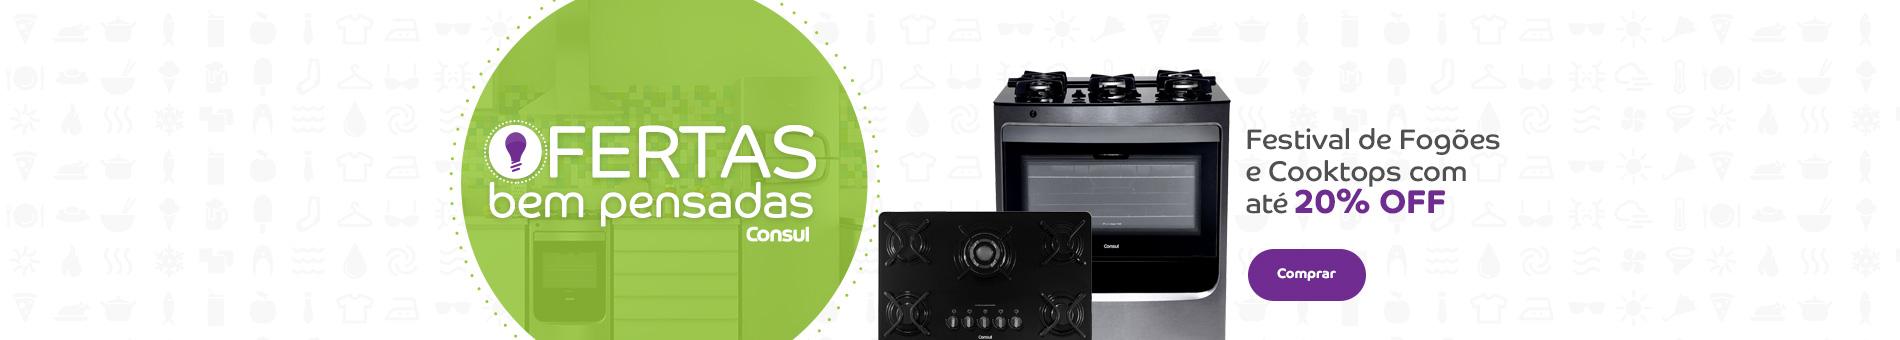 Promoção Interna - 1534 - ofertas_fg-cook-preço_27032017_home5 - fg-cook-preço - 5